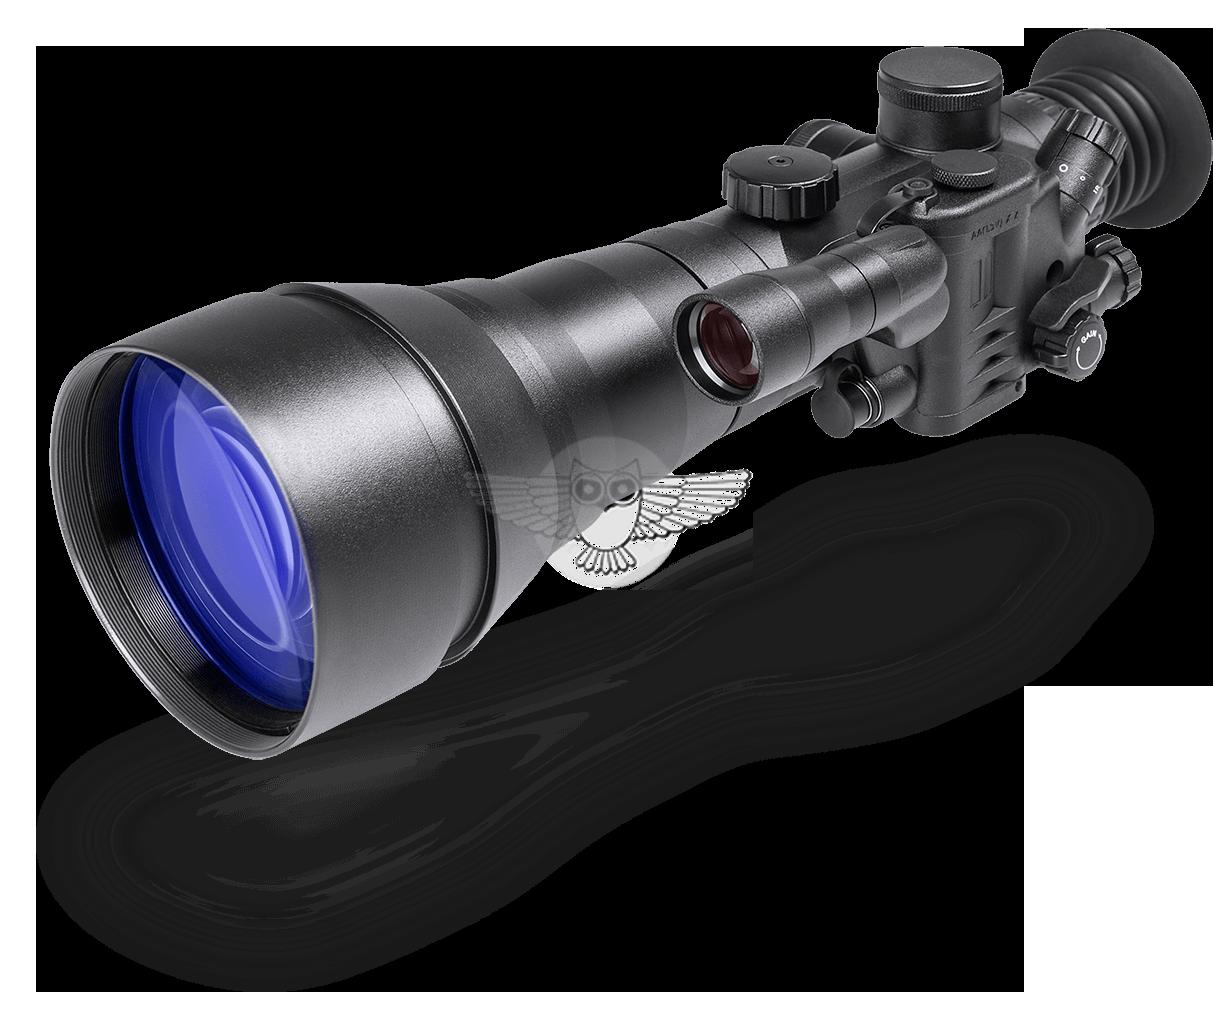 Оптические прицелы - все характеристики и терминология оптики для пневматики. вынос точки прицеливания. диаметр выходного зрачка. линза объектива